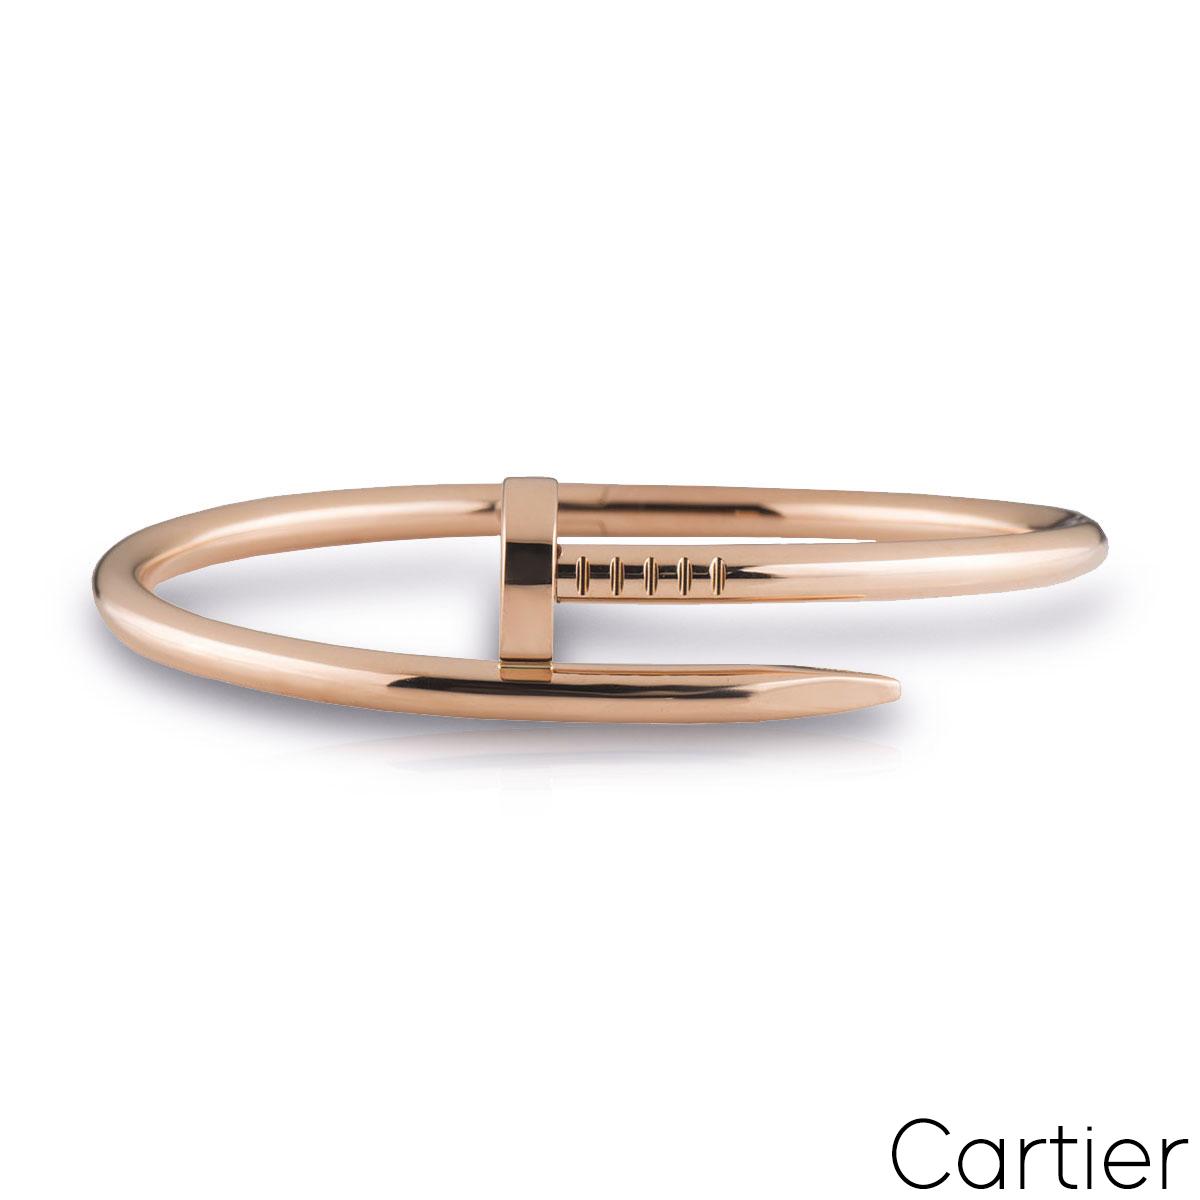 Cartier Rose Gold Plain Juste Un Clou Bracelet Size 18 B6048118